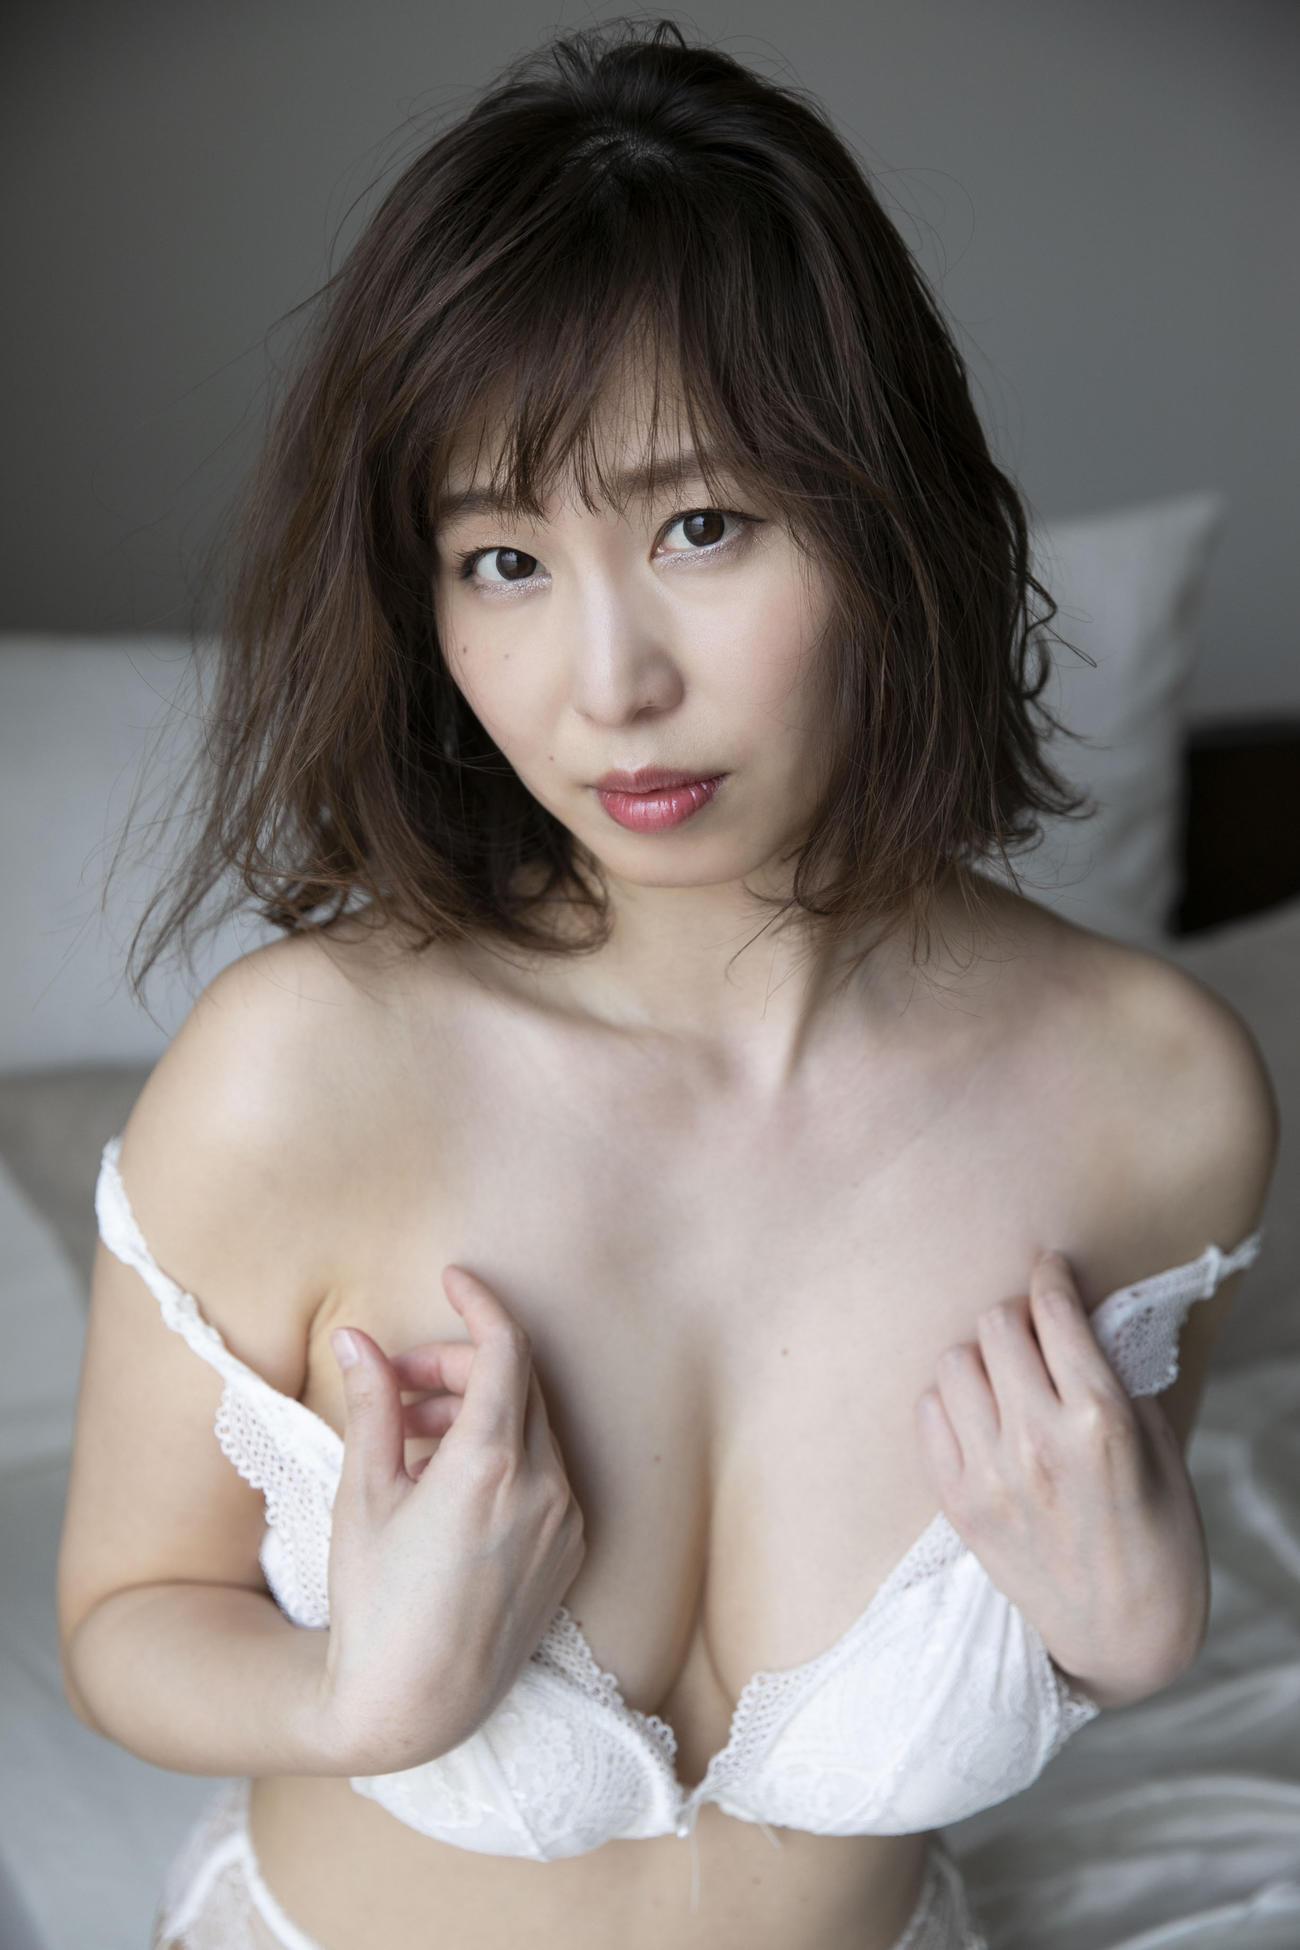 デジタル写真集「好きなんだってば!!」でセクシーショットを披露している塩地美澄